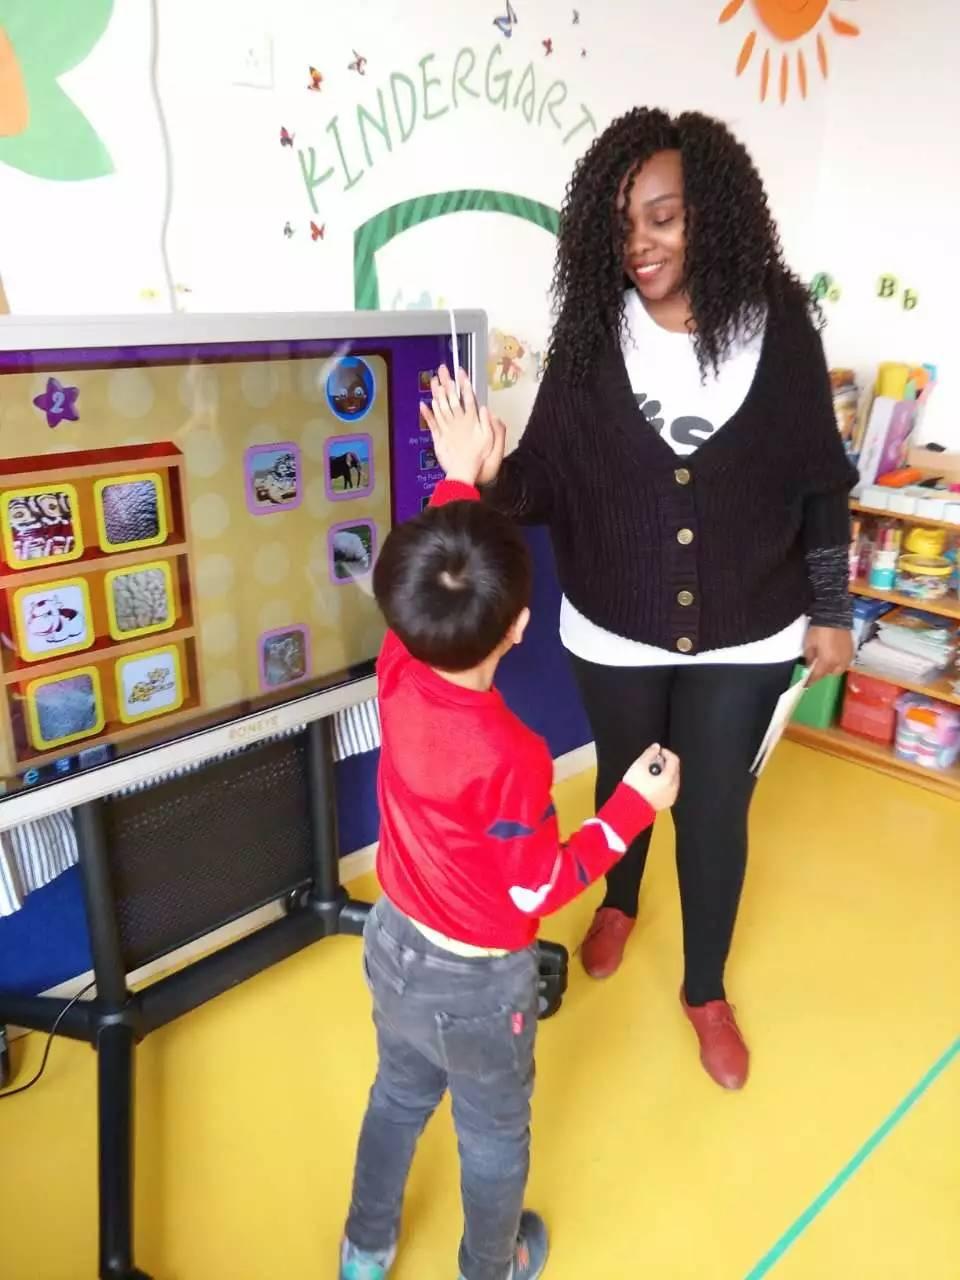 廊坊市安次区第二实验幼儿园照片5